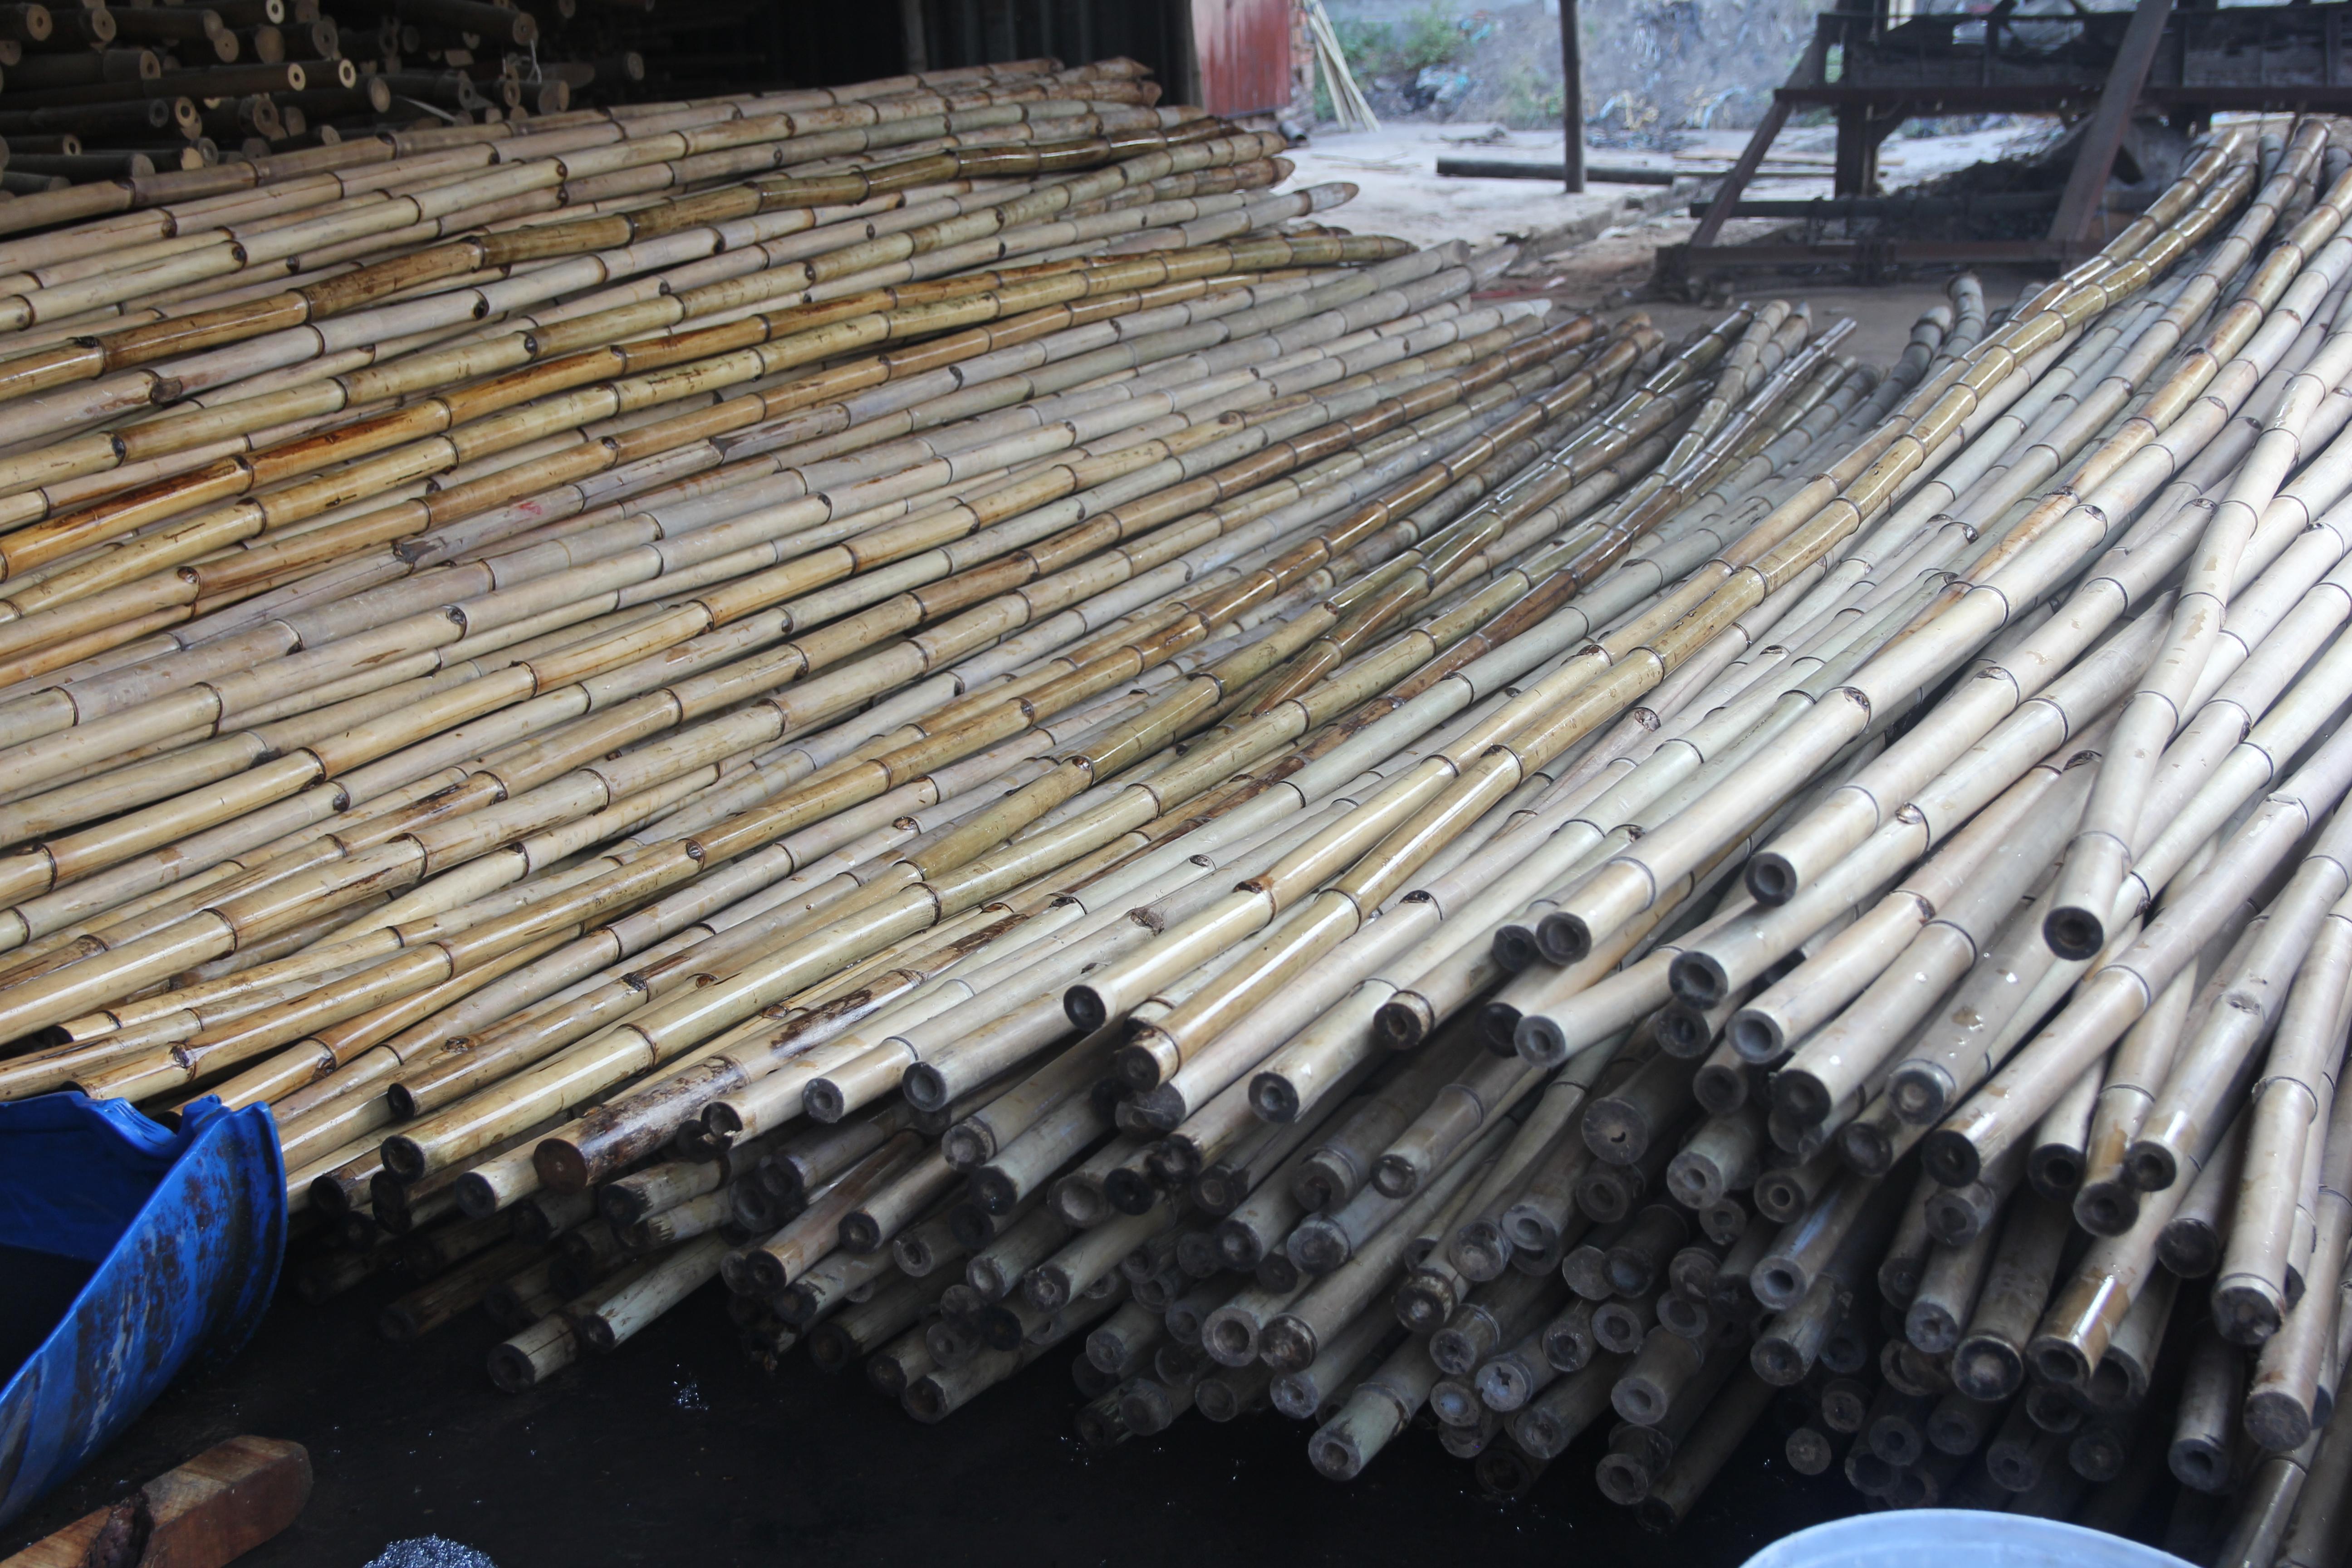 Nguyên liệu lồ ô giá rẻ tại TPHCM